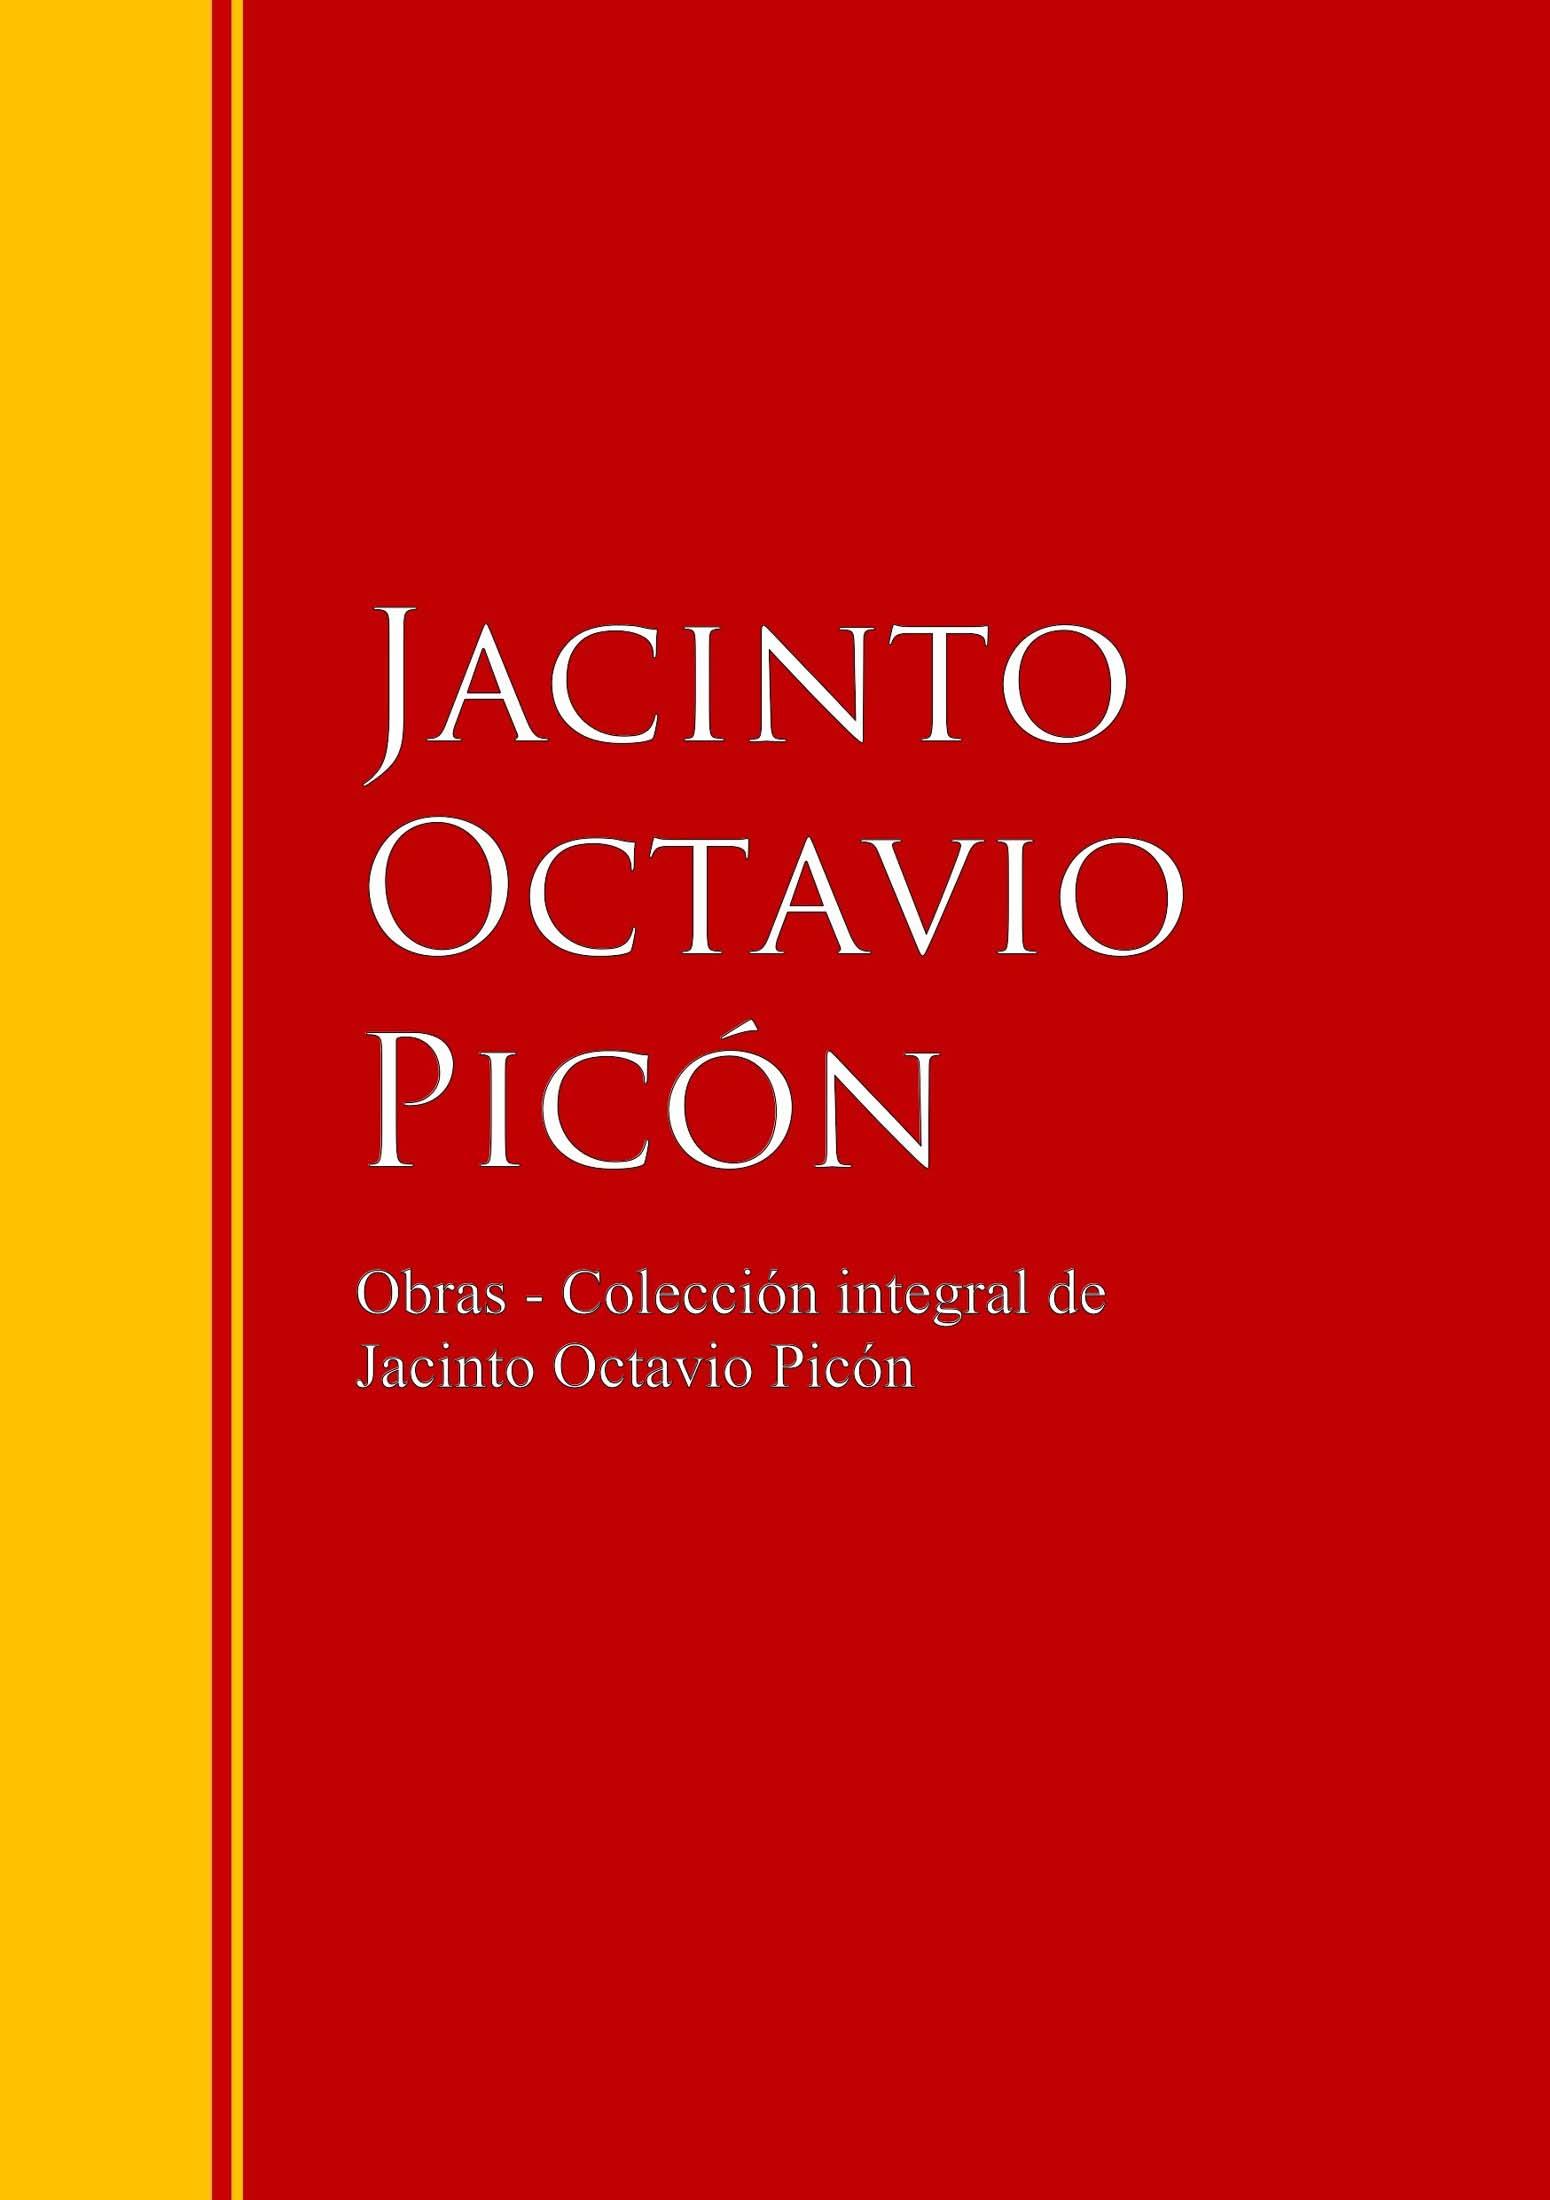 Jacinto Octavio Picon Obras - Colección de Jacinto Octavio Picón цена